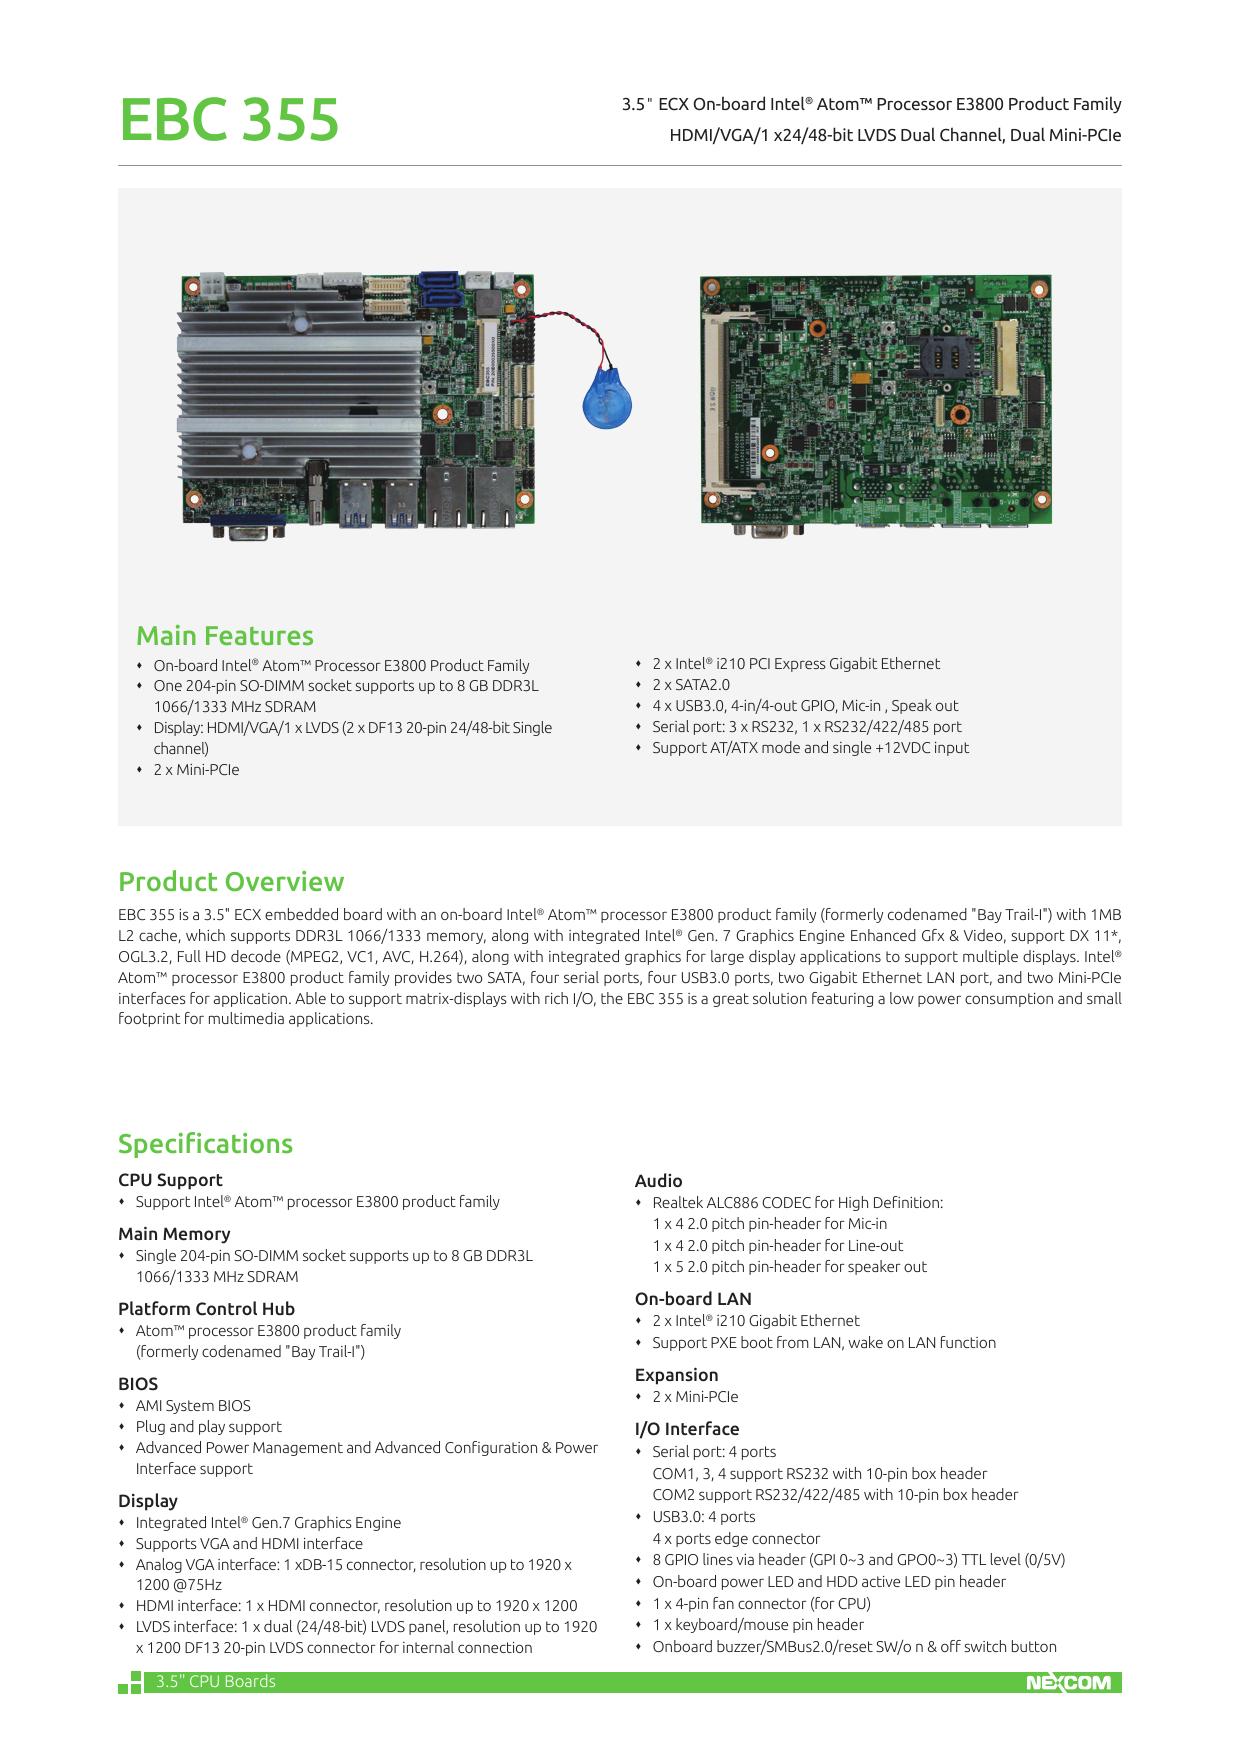 EBC 355 - NEXCOM | manualzz com